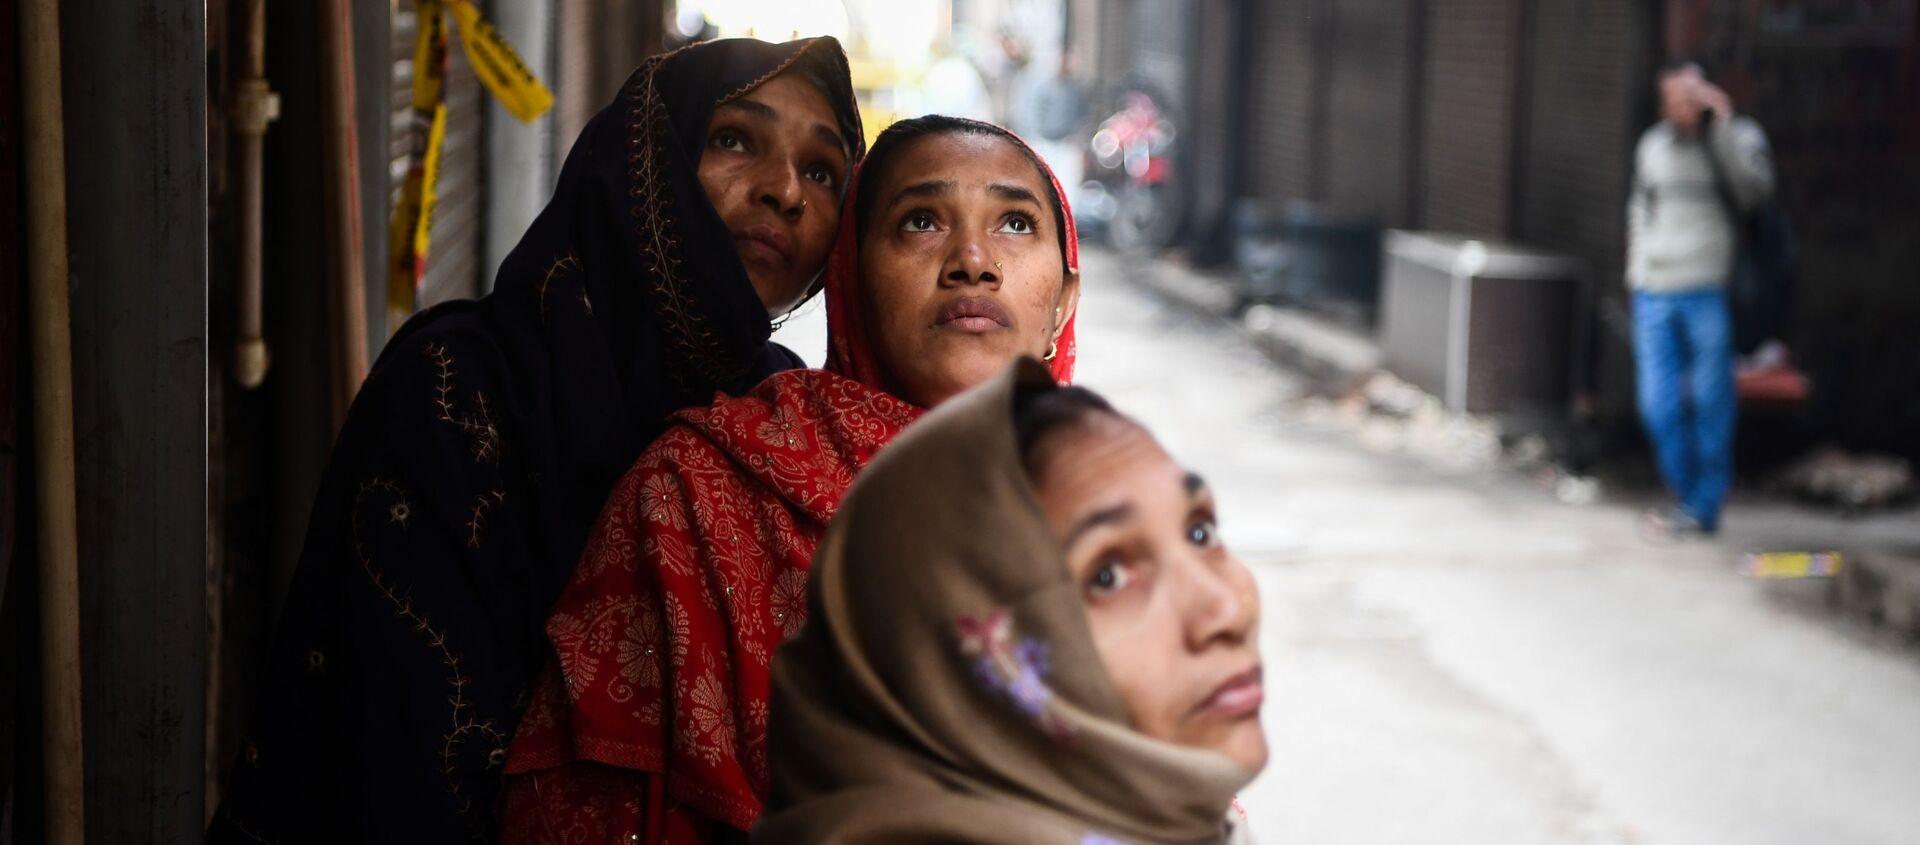 Женщины смотрят на пожар на фабрике в Нью-Дели, Индия - Sputnik Абхазия, 1920, 25.09.2021